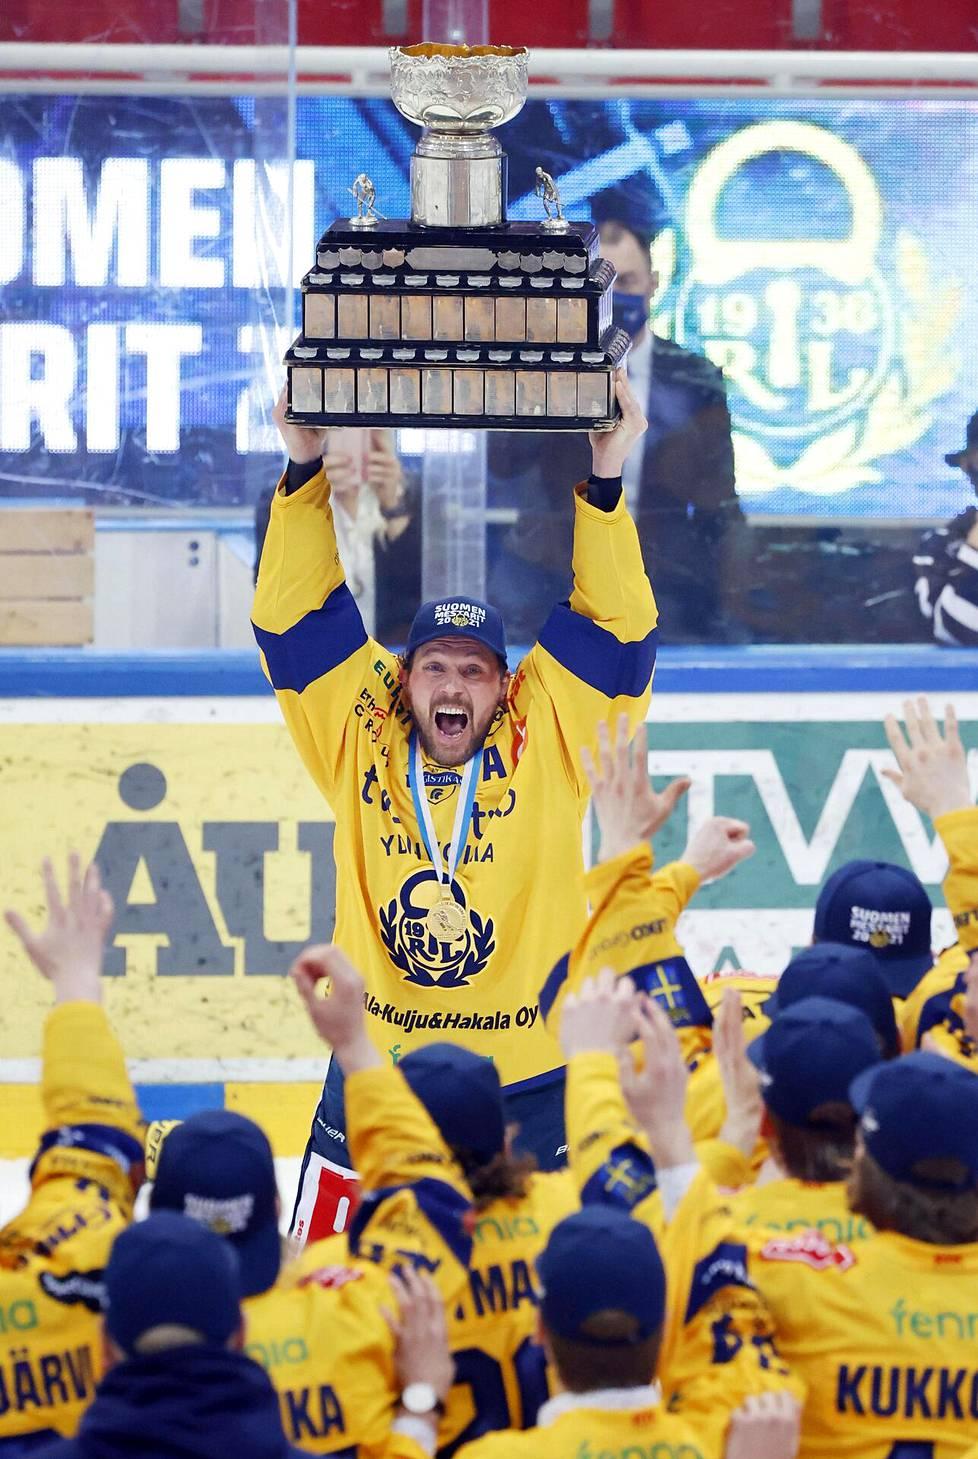 Lukon vanhin pelaaja Toni Koivisto sai ensimmäisenä nostaa Kanada-maljan ilmaan. Koivisto on pelannut 14 kautta Lukossa.